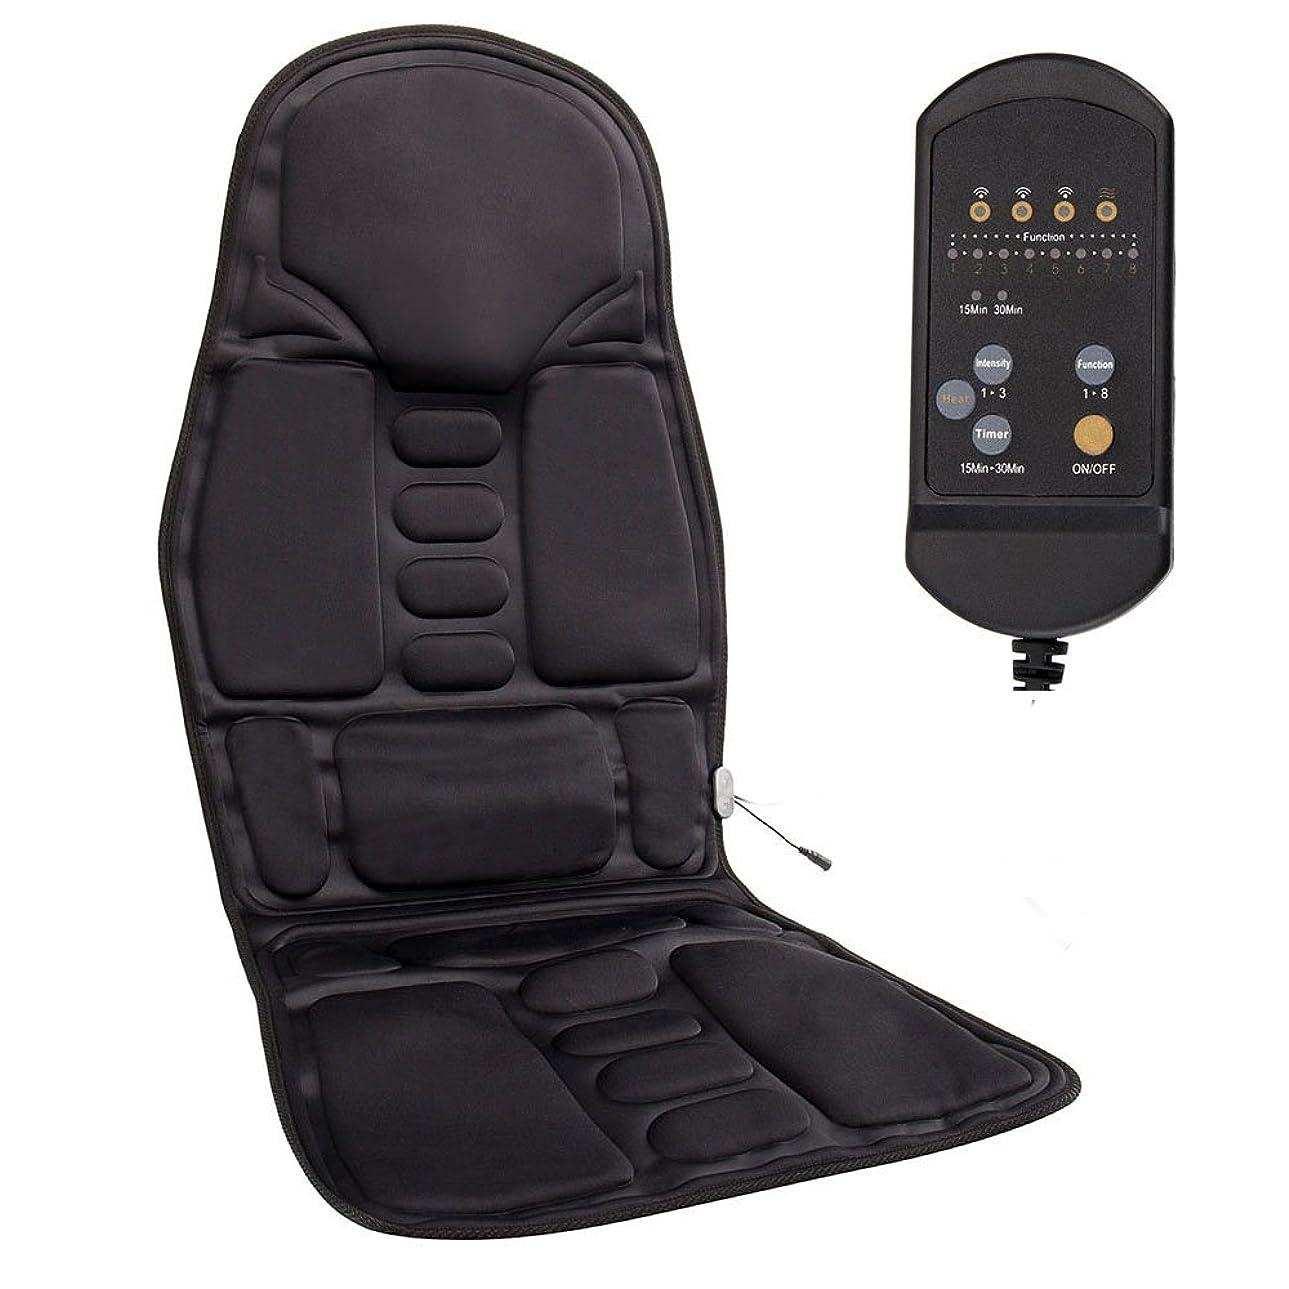 everso シートヒーター シートマッサージャー 搭載 車載用 カーシートカバー品質PUレザー製車載用ツインバードマッサージシート ヒーターマッサージ 旅行 ホーム 車シート ギフト 椅子や座椅子用 持ち運び便利 取り付け簡単 ブラック